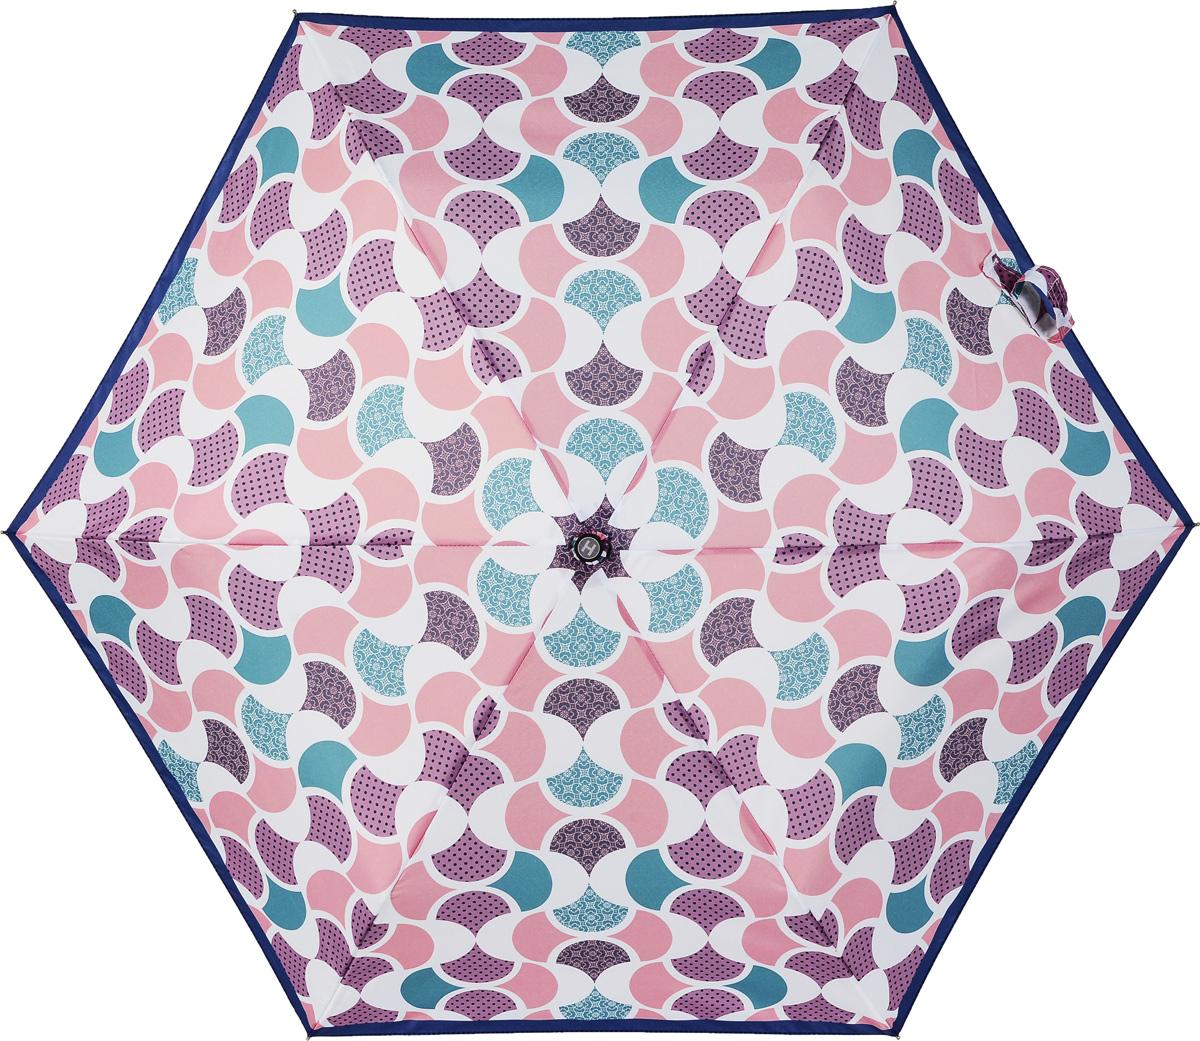 Зонт женский Henry Backer, 3 сложения, цвет: розовый. U32203 Good mood шарф женский henry backer цвет розовый hb1605b14 63 размер 100 см х 200 см